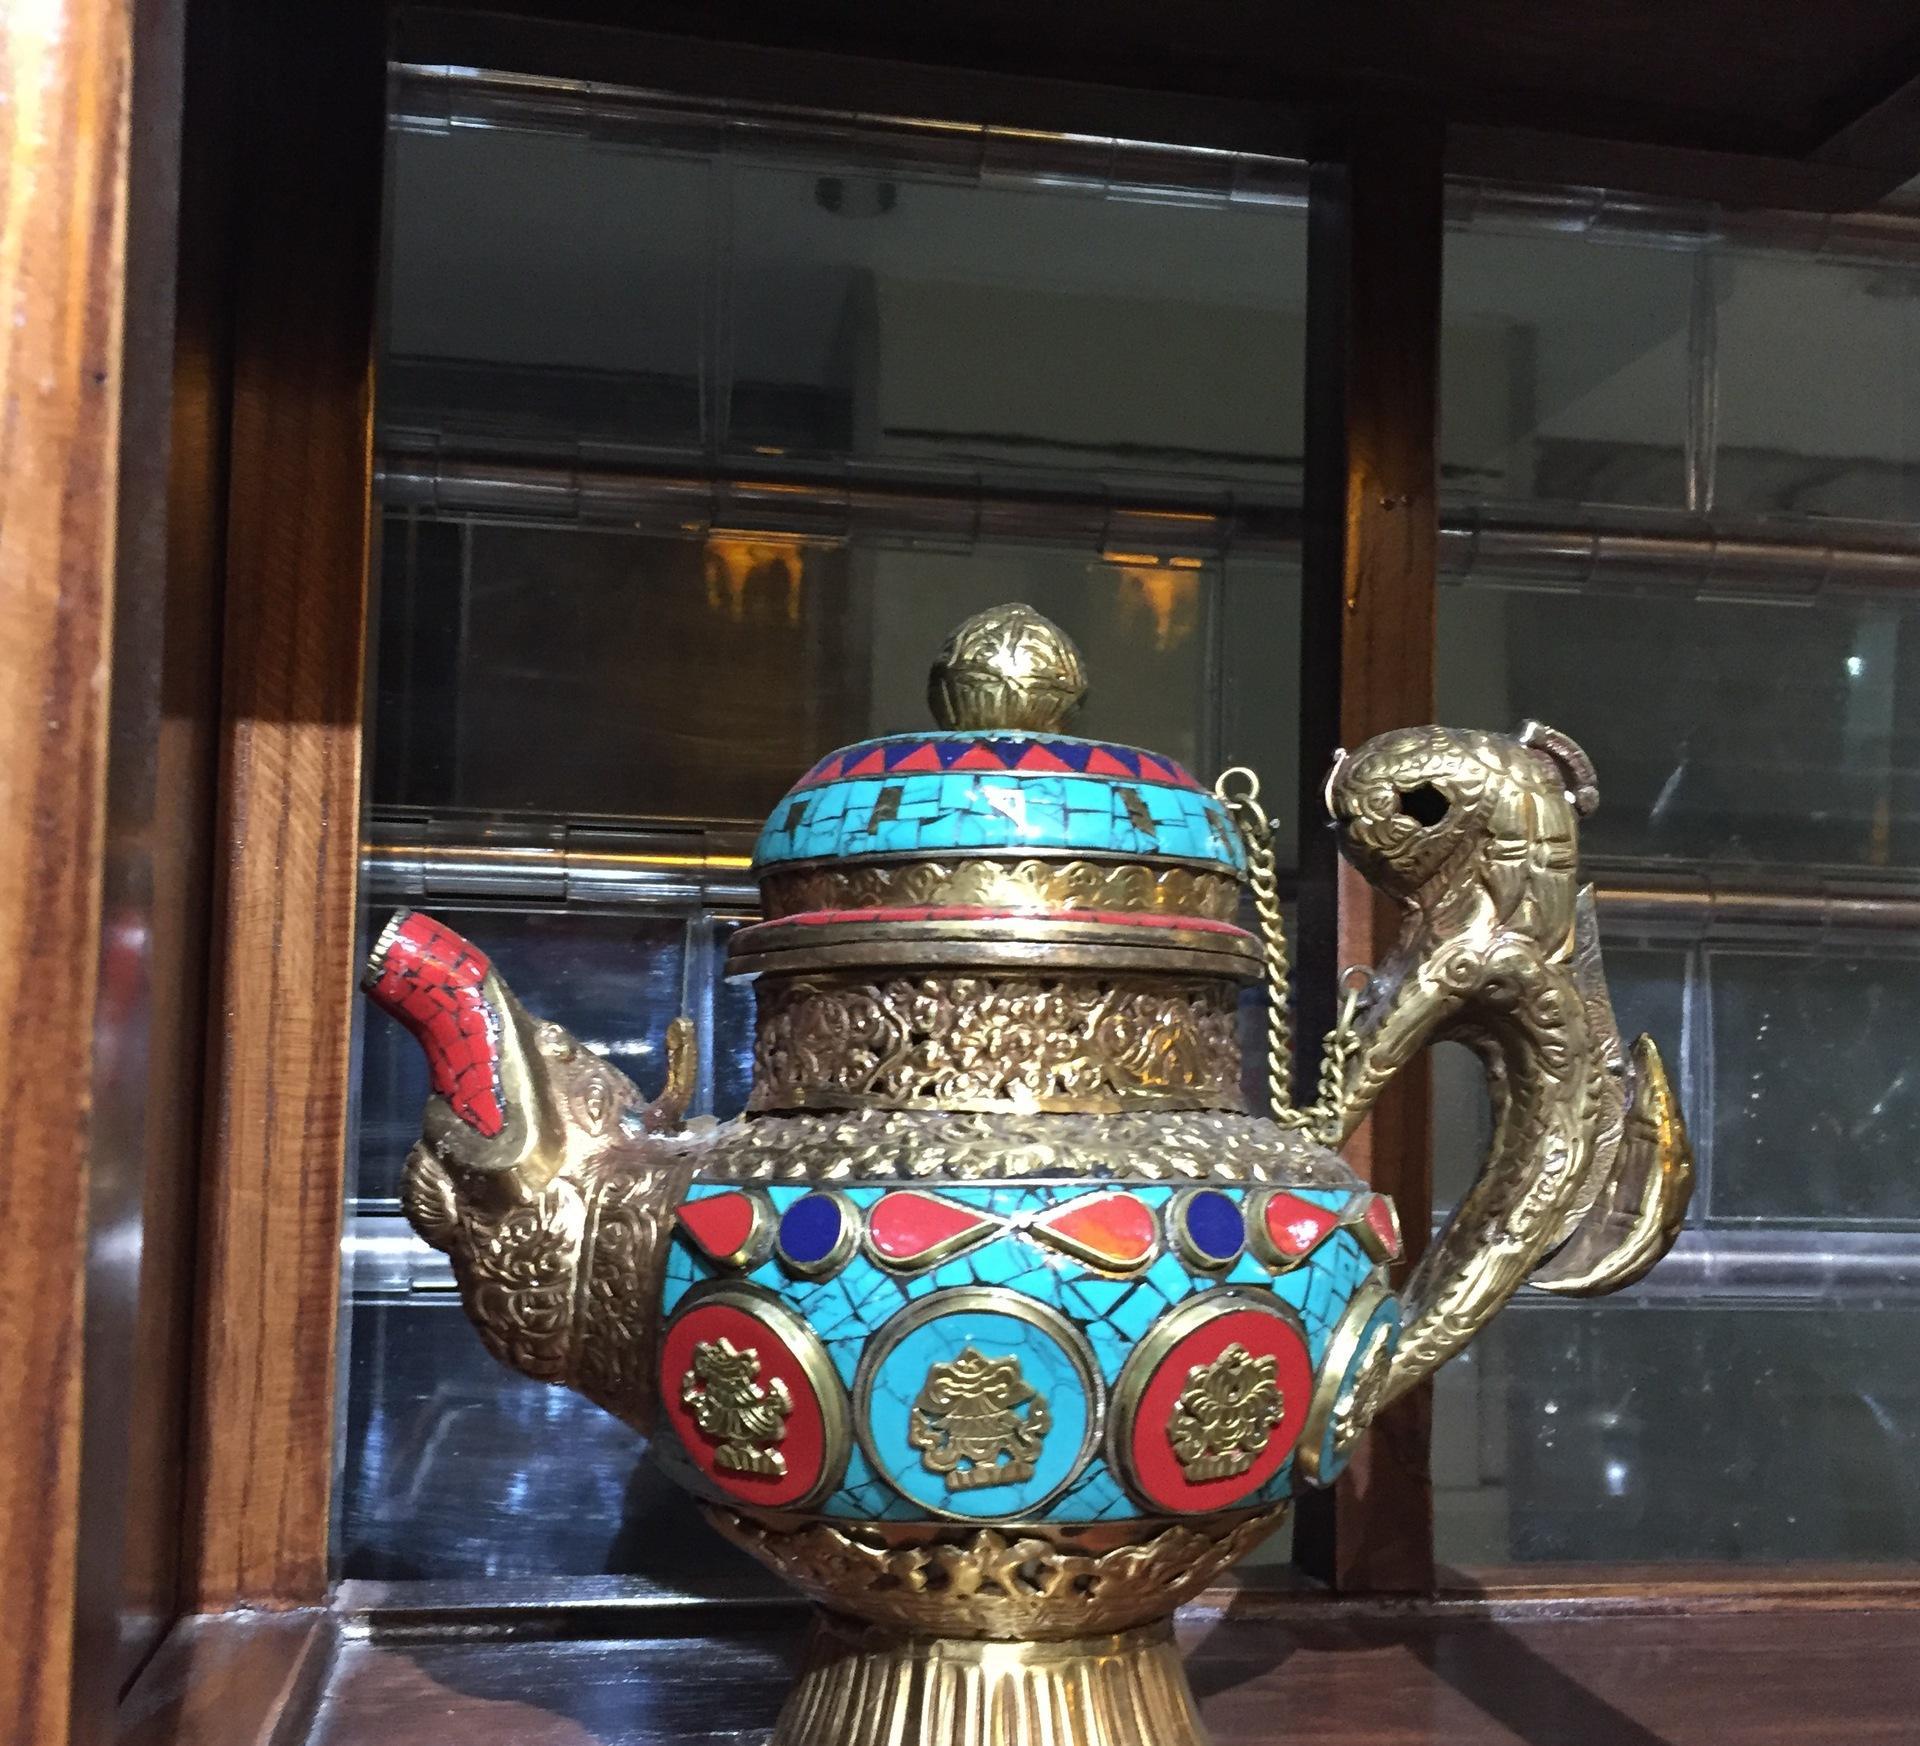 尼泊尔纯手工制作铜壶嵌绿松石工艺品摆件铜水壶